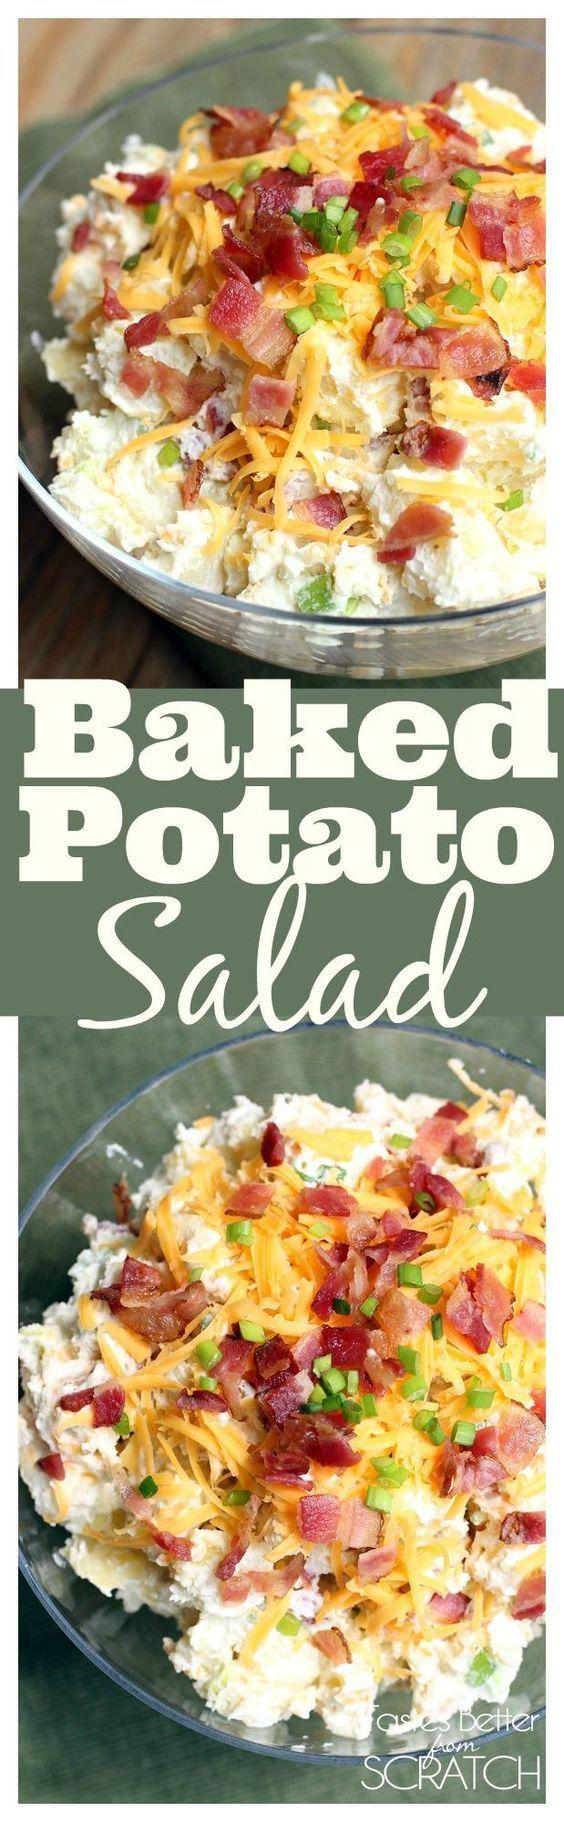 Baked Potato Salad from TastesBetterFromScratch.com